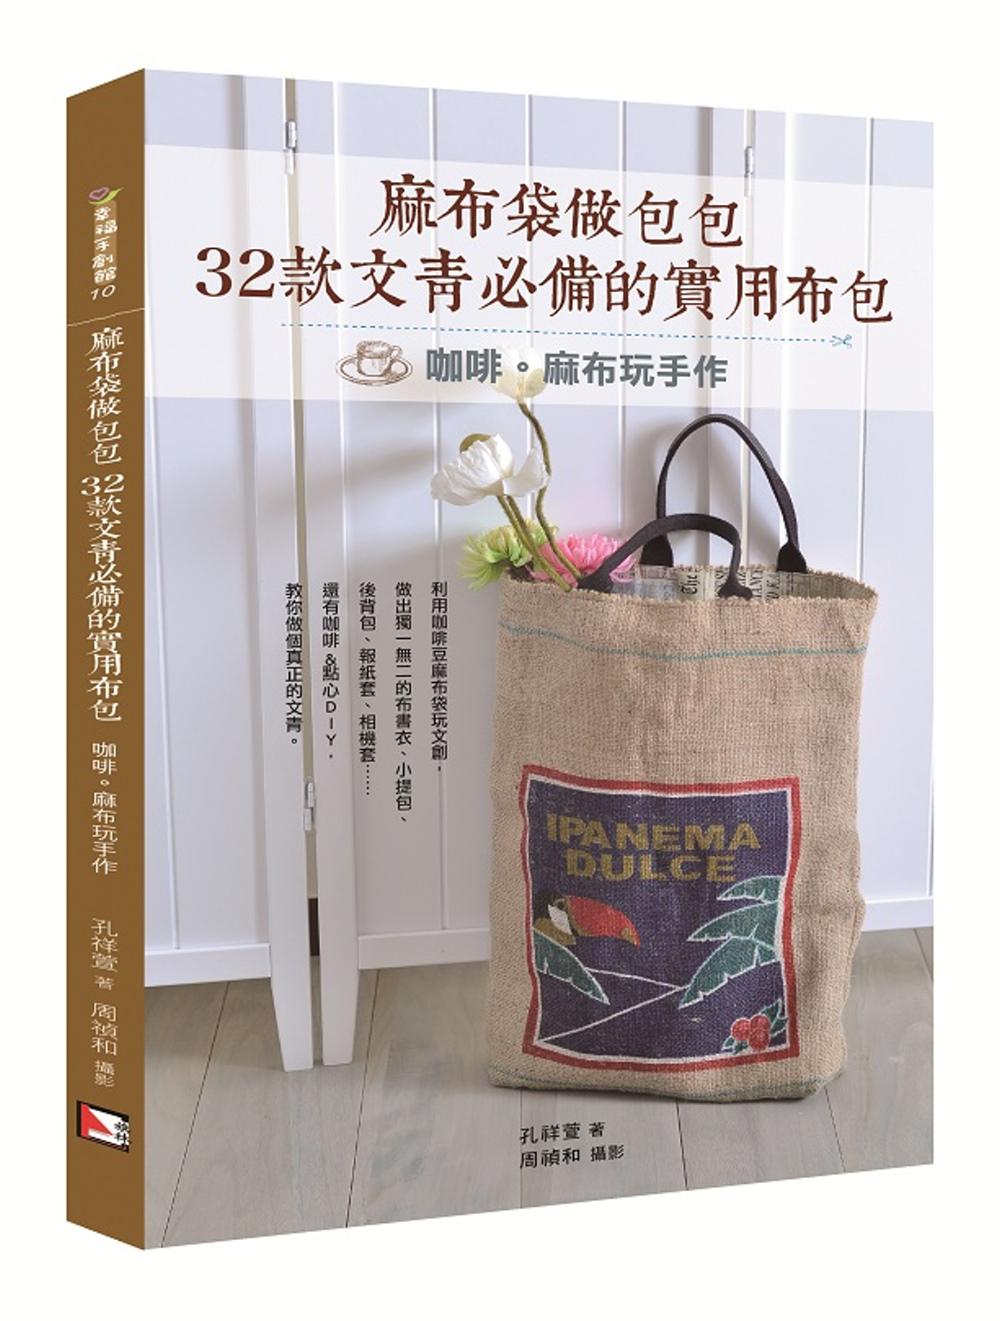 麻布袋做包包,32款文青 的 布包:咖啡麻布玩手作